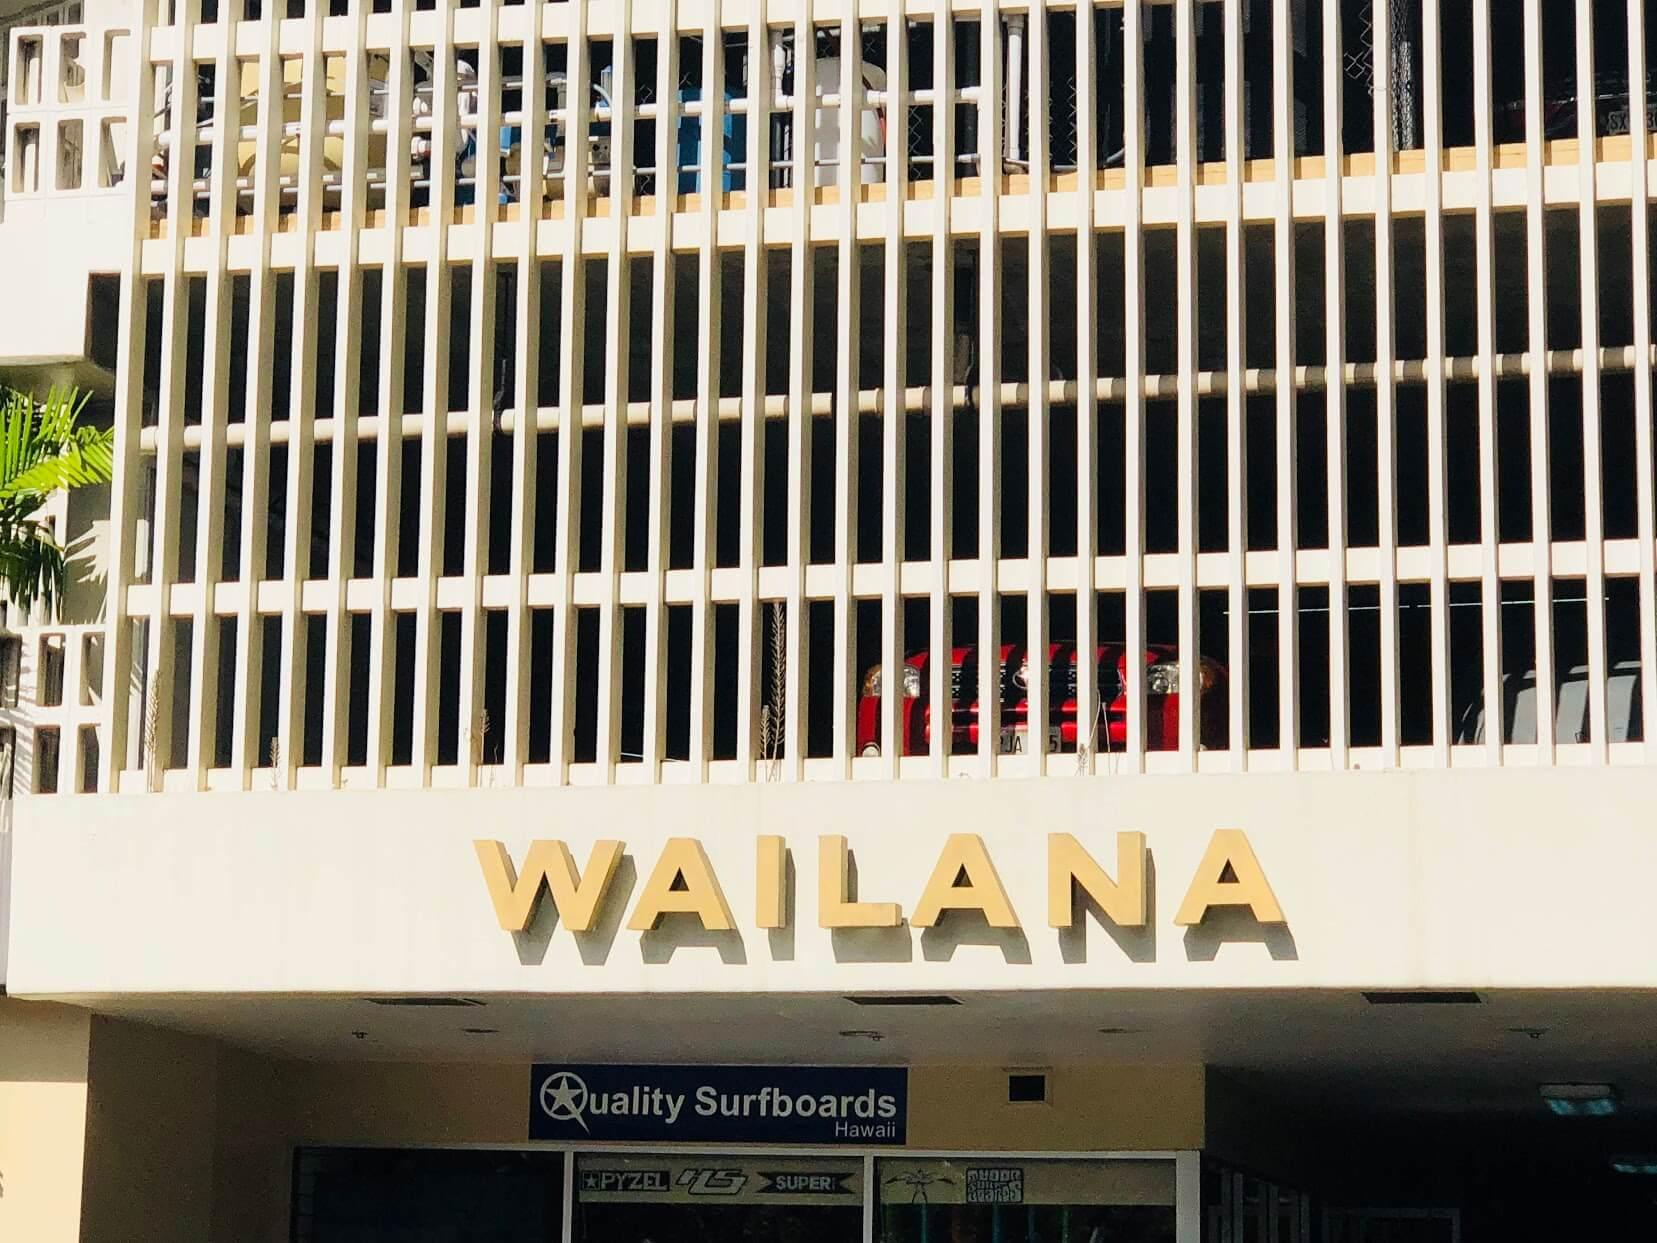 WailanaatWaikikiの看板